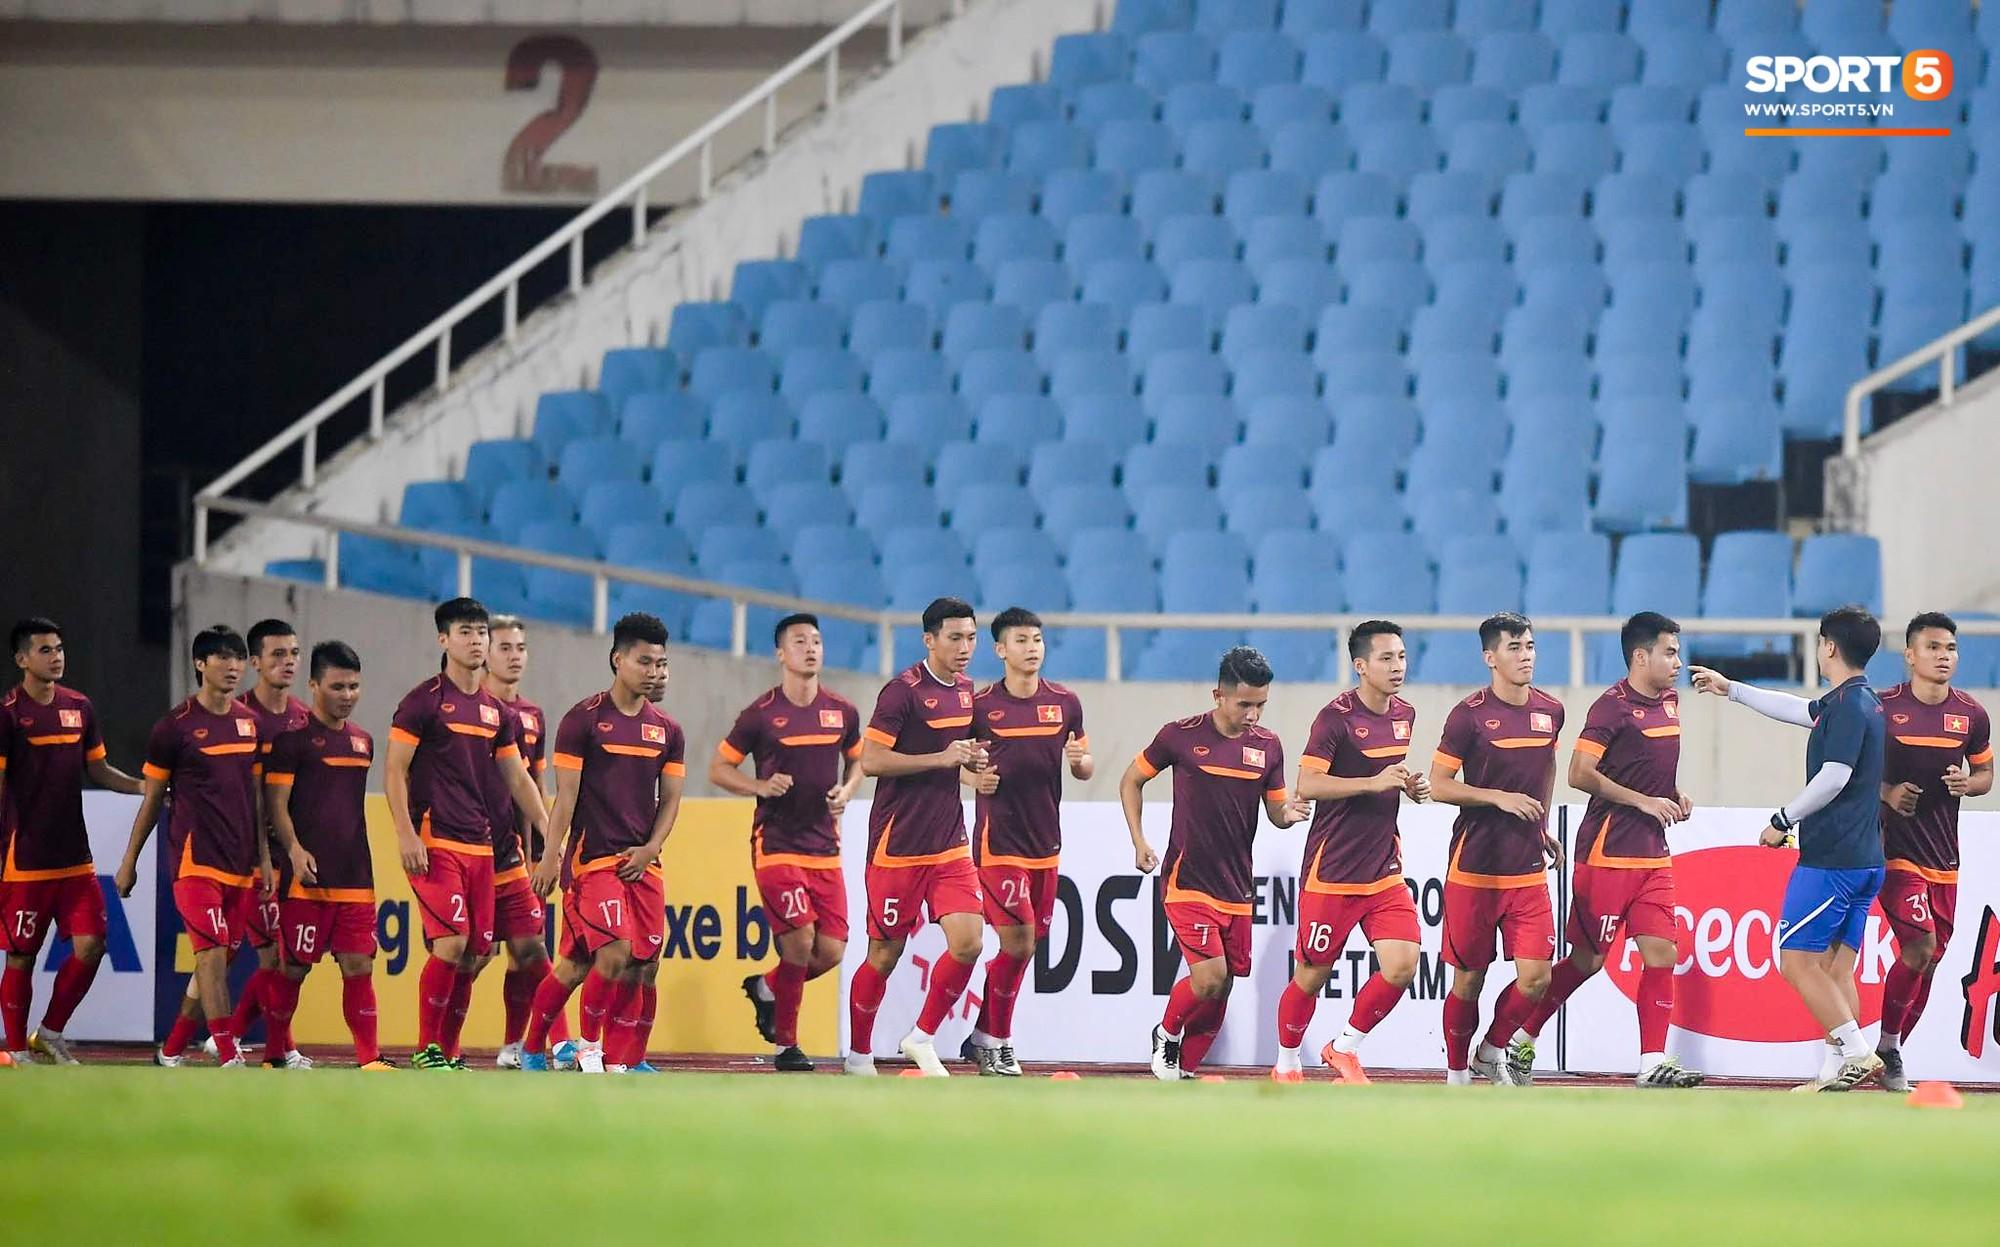 Tuyển thủ Việt Nam mặc áo cũ, không in số gây tò mò ở buổi tập áp chót trước trận chiến với Malaysia - Ảnh 1.